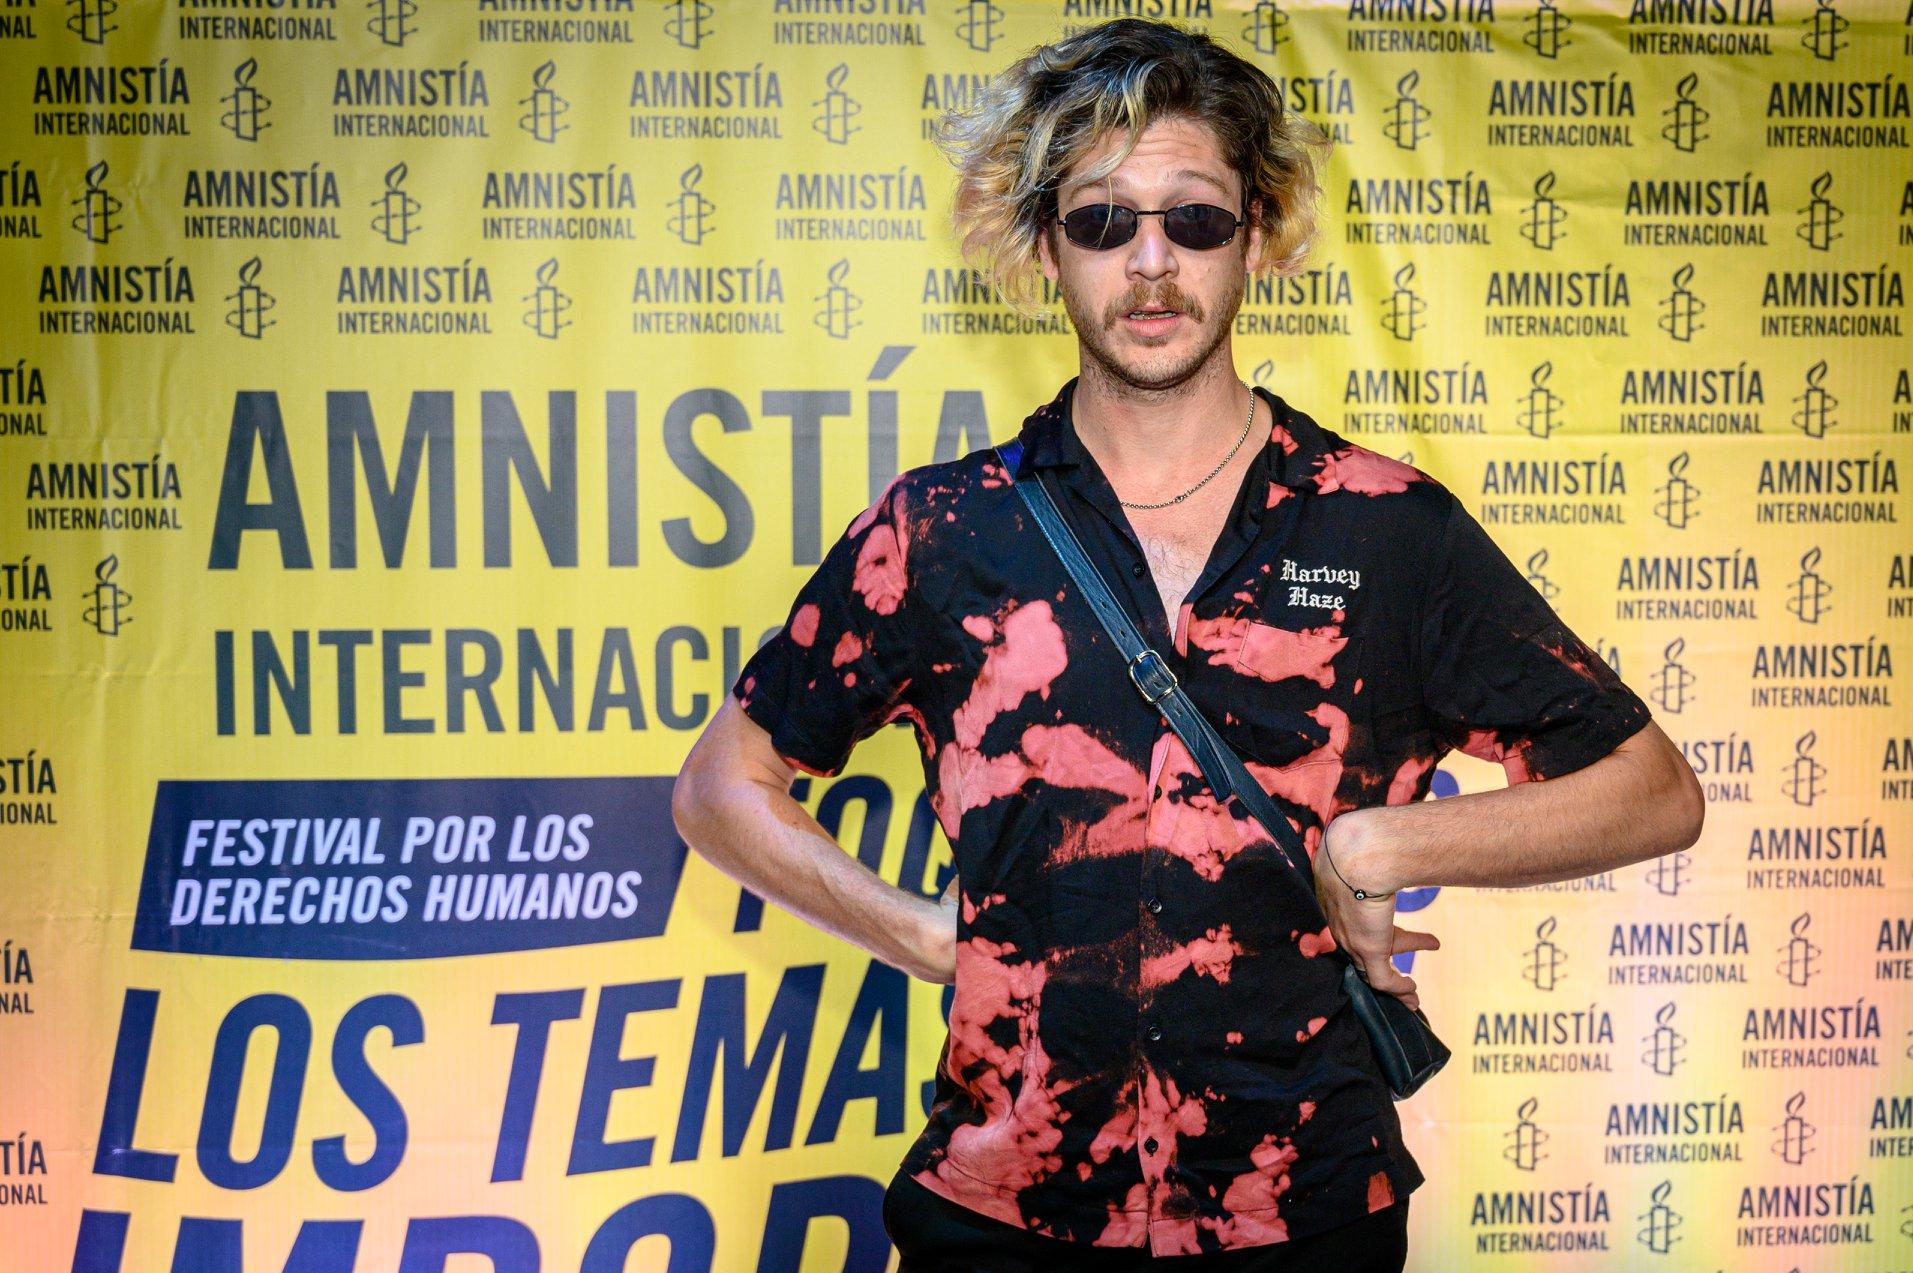 #LosTemasQueImportan, el festival de Amnistía Internacional en el Estadio Obras al aire libre (7)